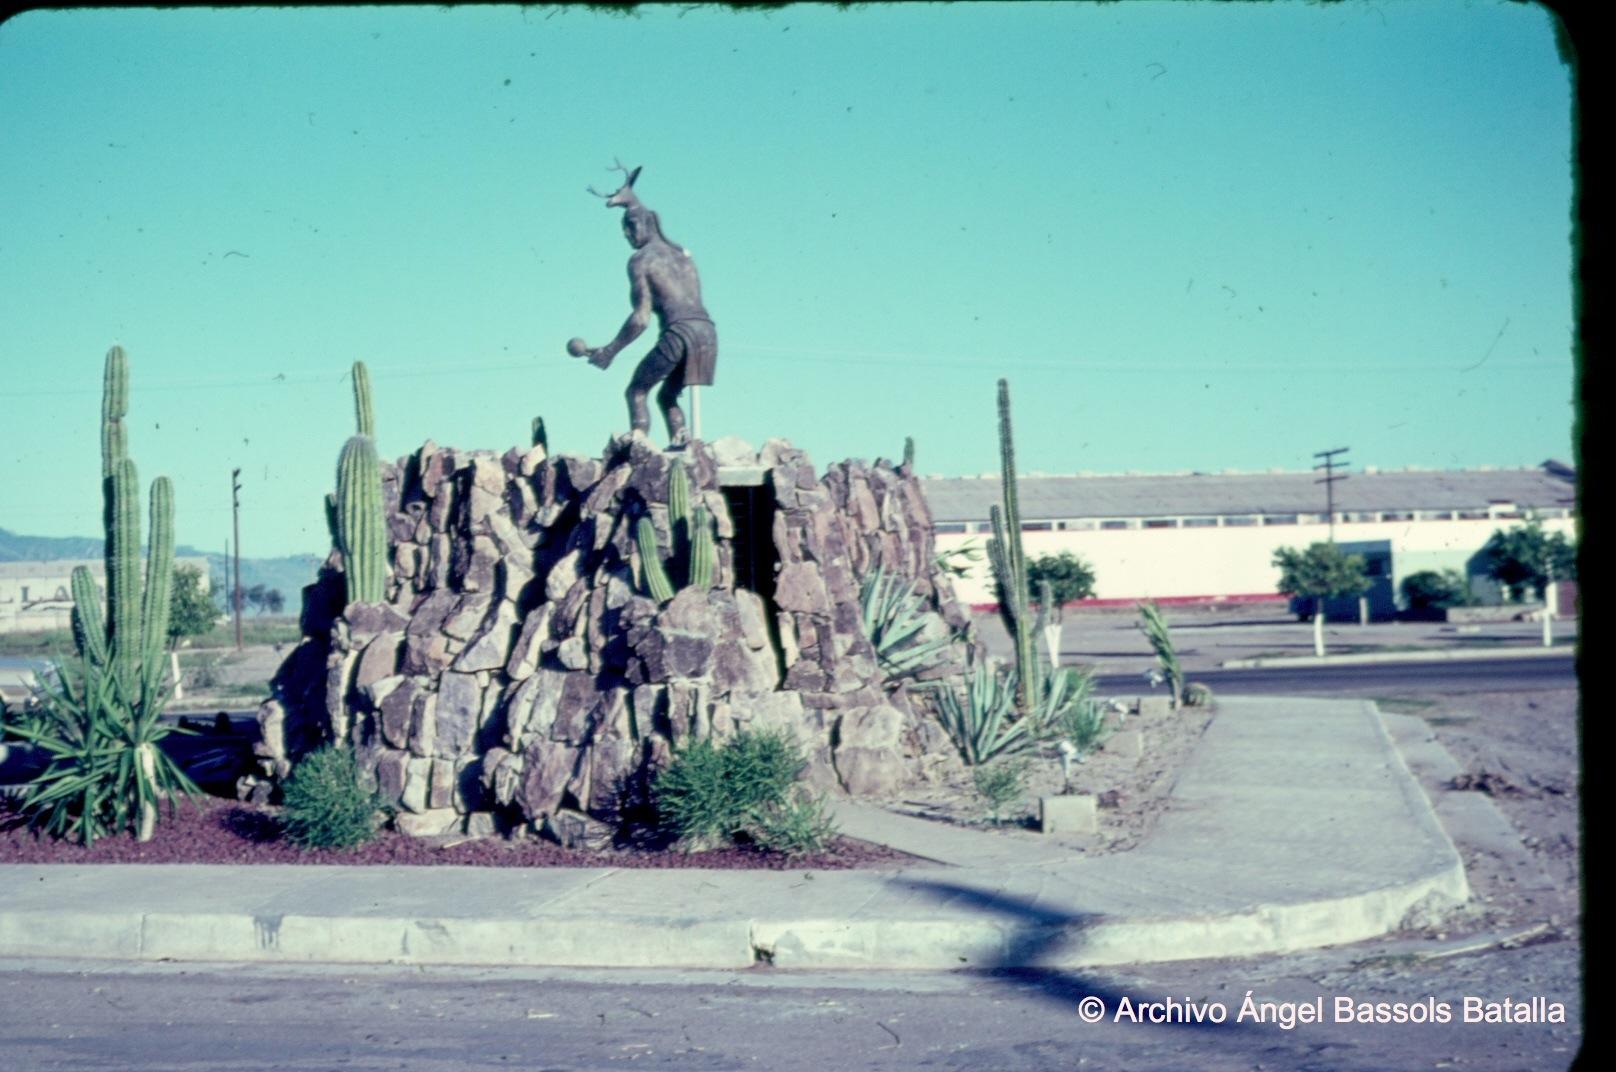 Monumento al yaqui de Ciudad Obregón